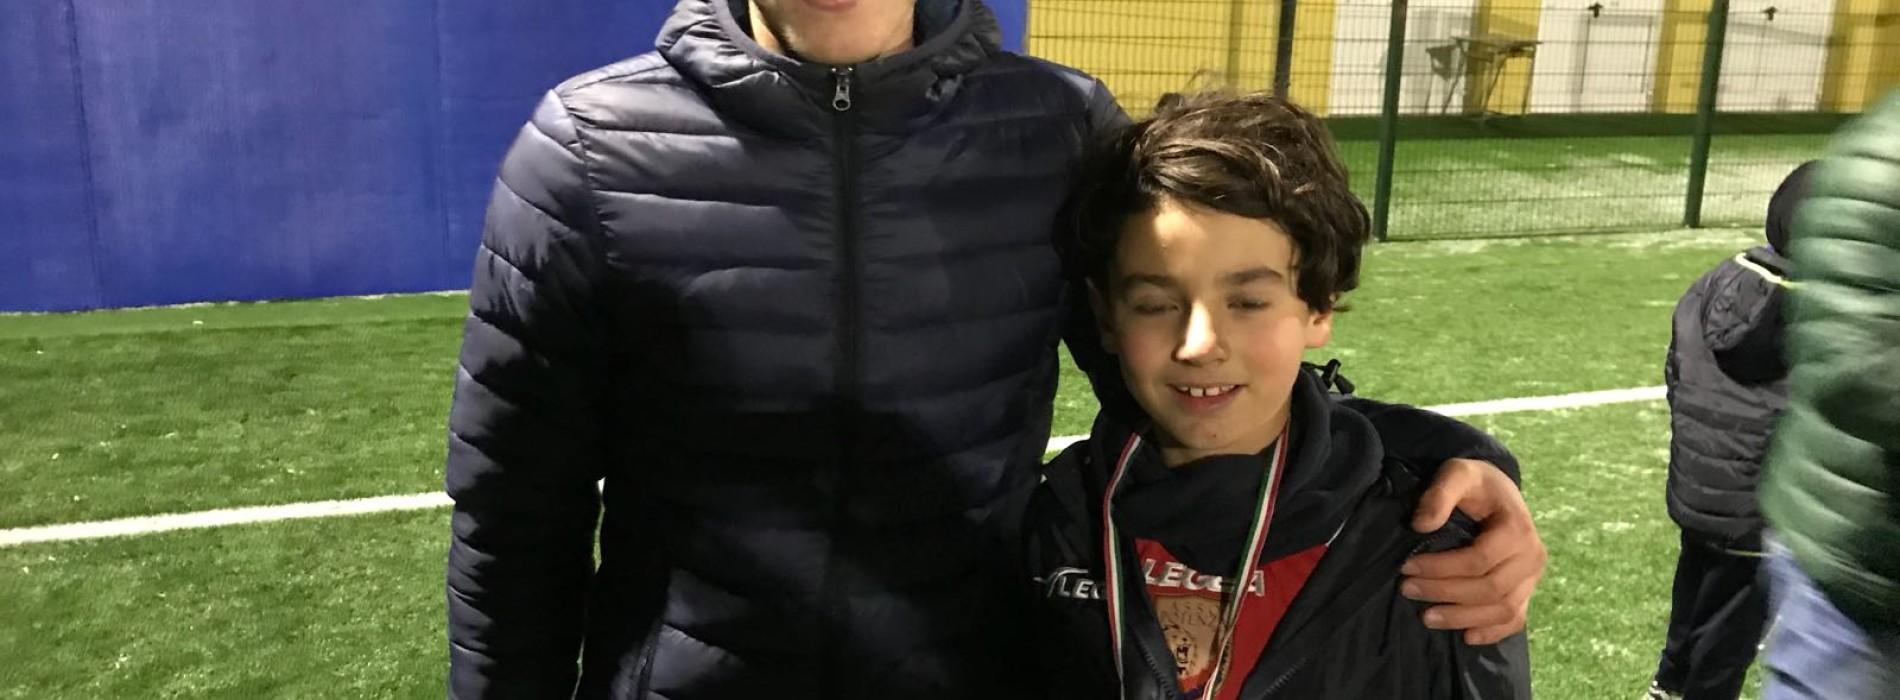 """Attività di Base: Pulcini, Piccoli Amici e Primi Calci """"In goal per le feste"""" a Potenza e San Cataldo di Bella"""